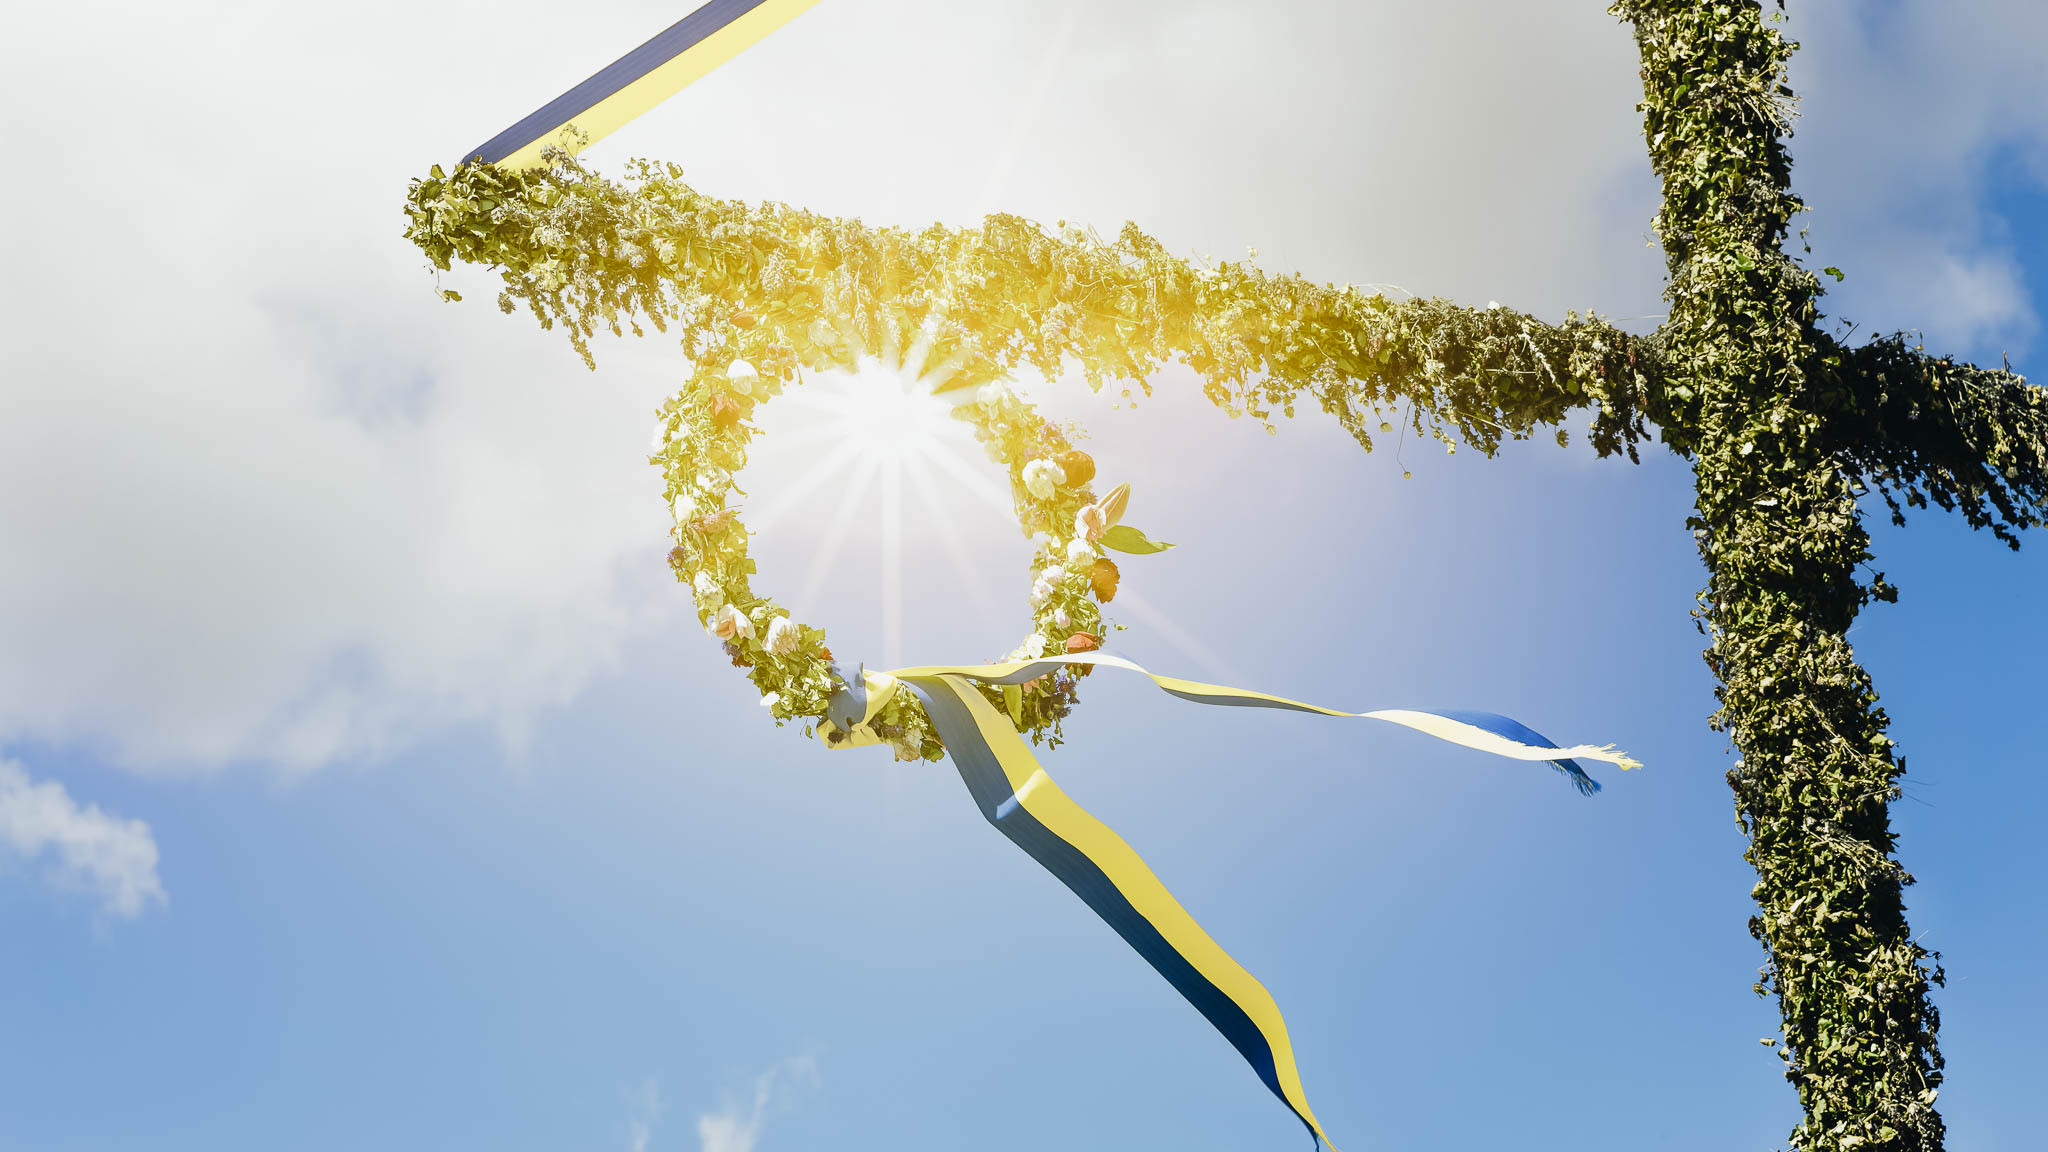 Wreath in sunshine